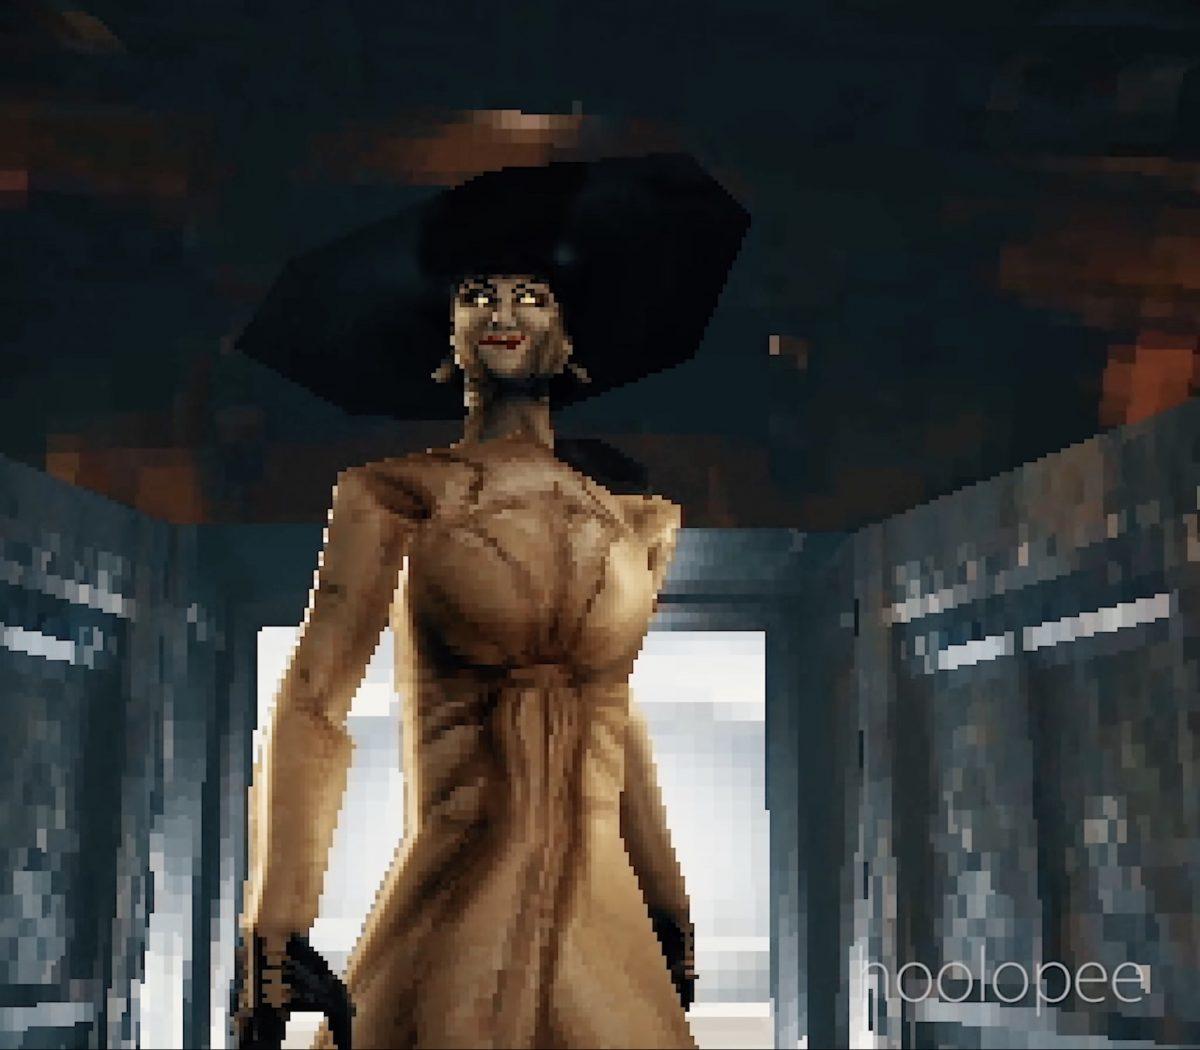 Опубликовано видео, демонстрирующее новейший Resident Evil Village с графикой уровня первой PlayStation